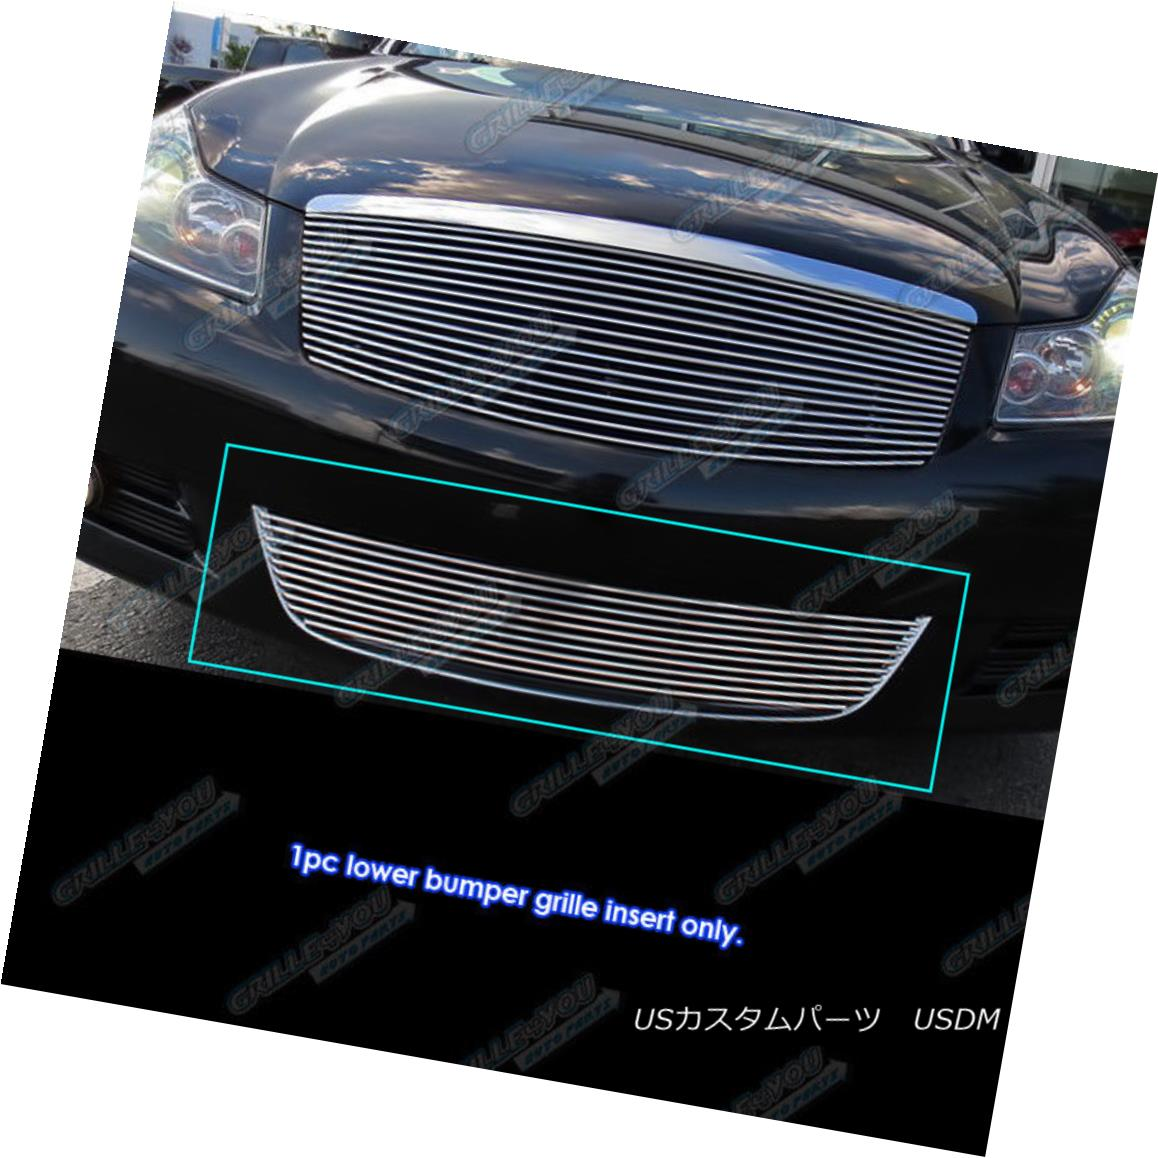 グリル Fits 2008-2010 Infiniti M35/M45 Lower Bumper Billet Grille Grill Insert フィット2008-2010インフィニティM35 / M45ロワーバンパービレットグリルグリルインサート